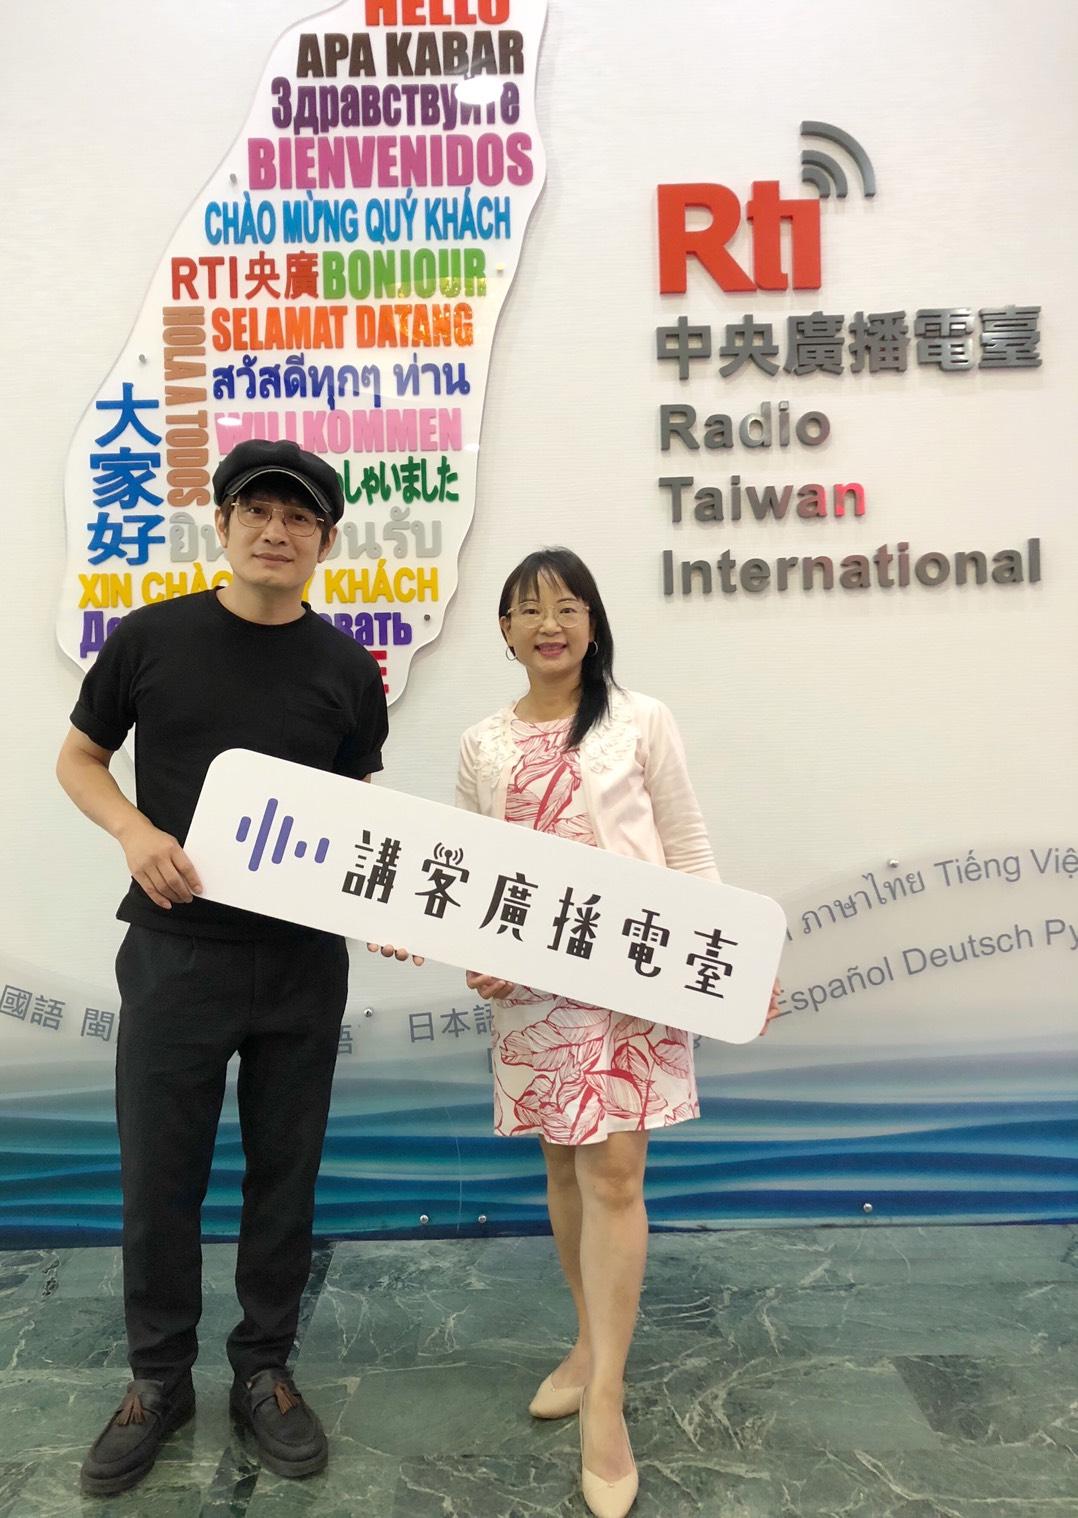 台灣第一張在太陽能錄音室錄製的專輯--羅文裕的「當太陽升起時」(上)